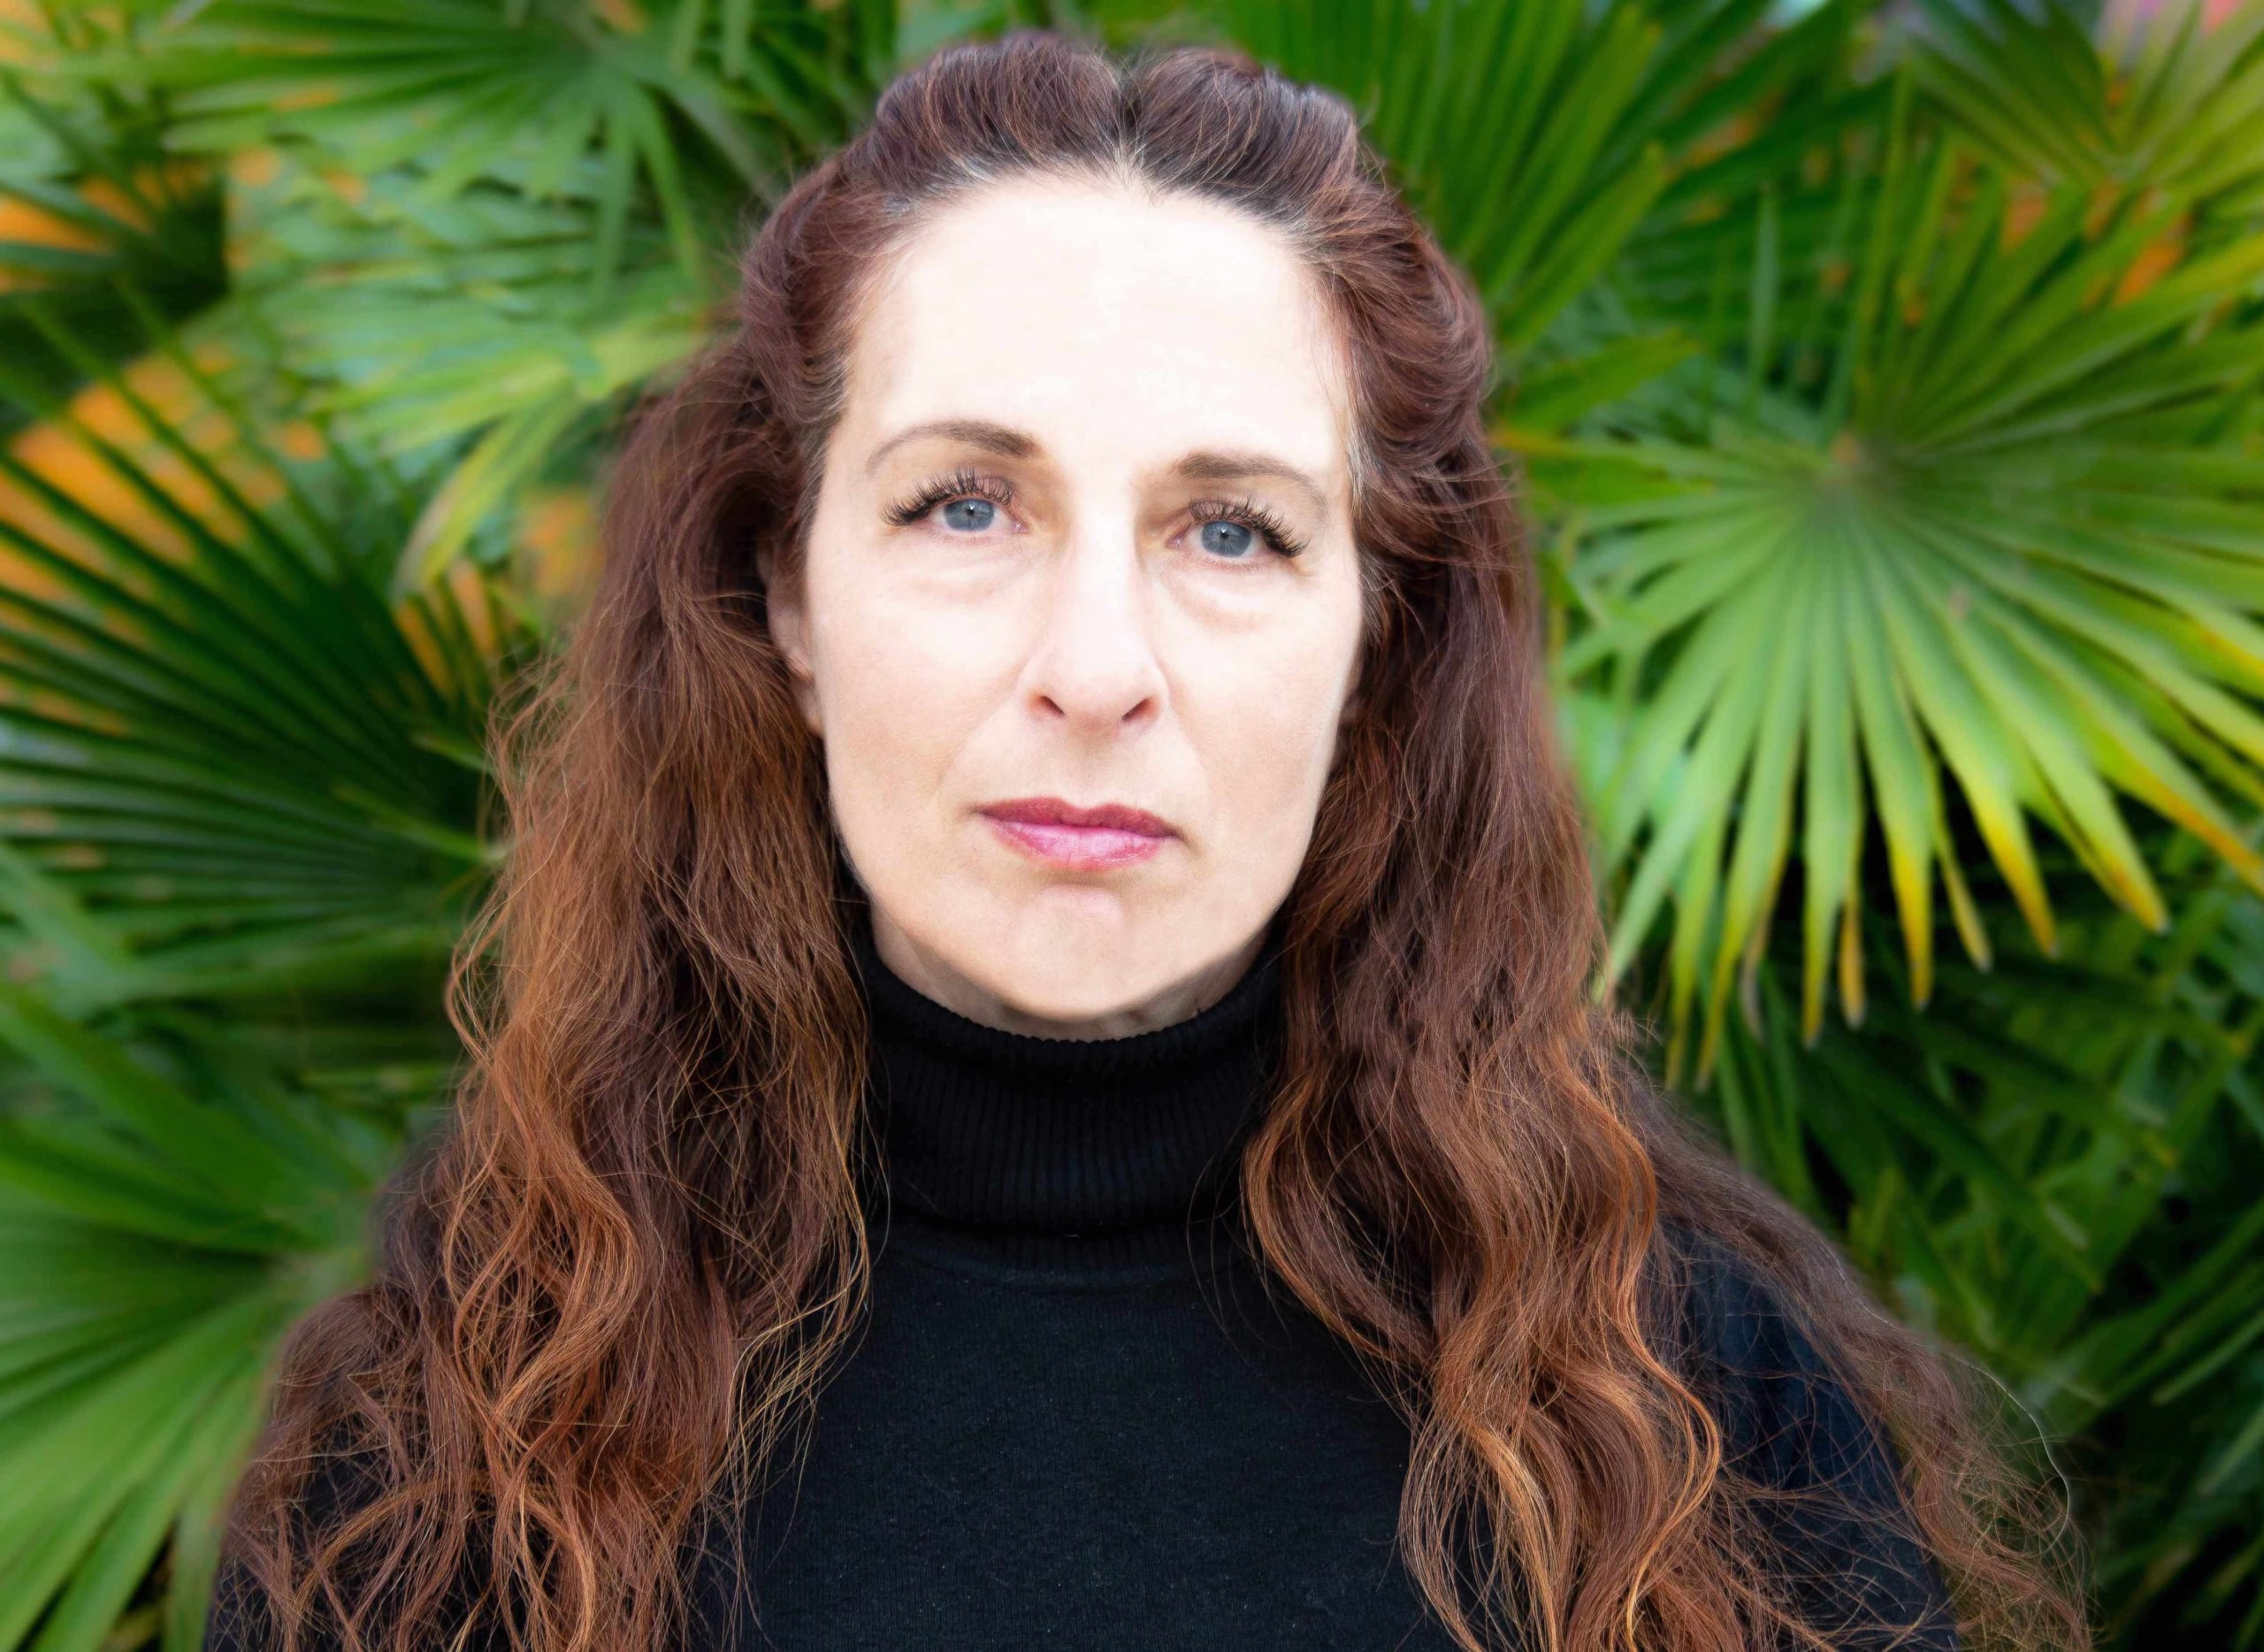 Νατάσα Τσάνα, εκπαιδεύτρια, σχολή ιππασίας Εκάλης